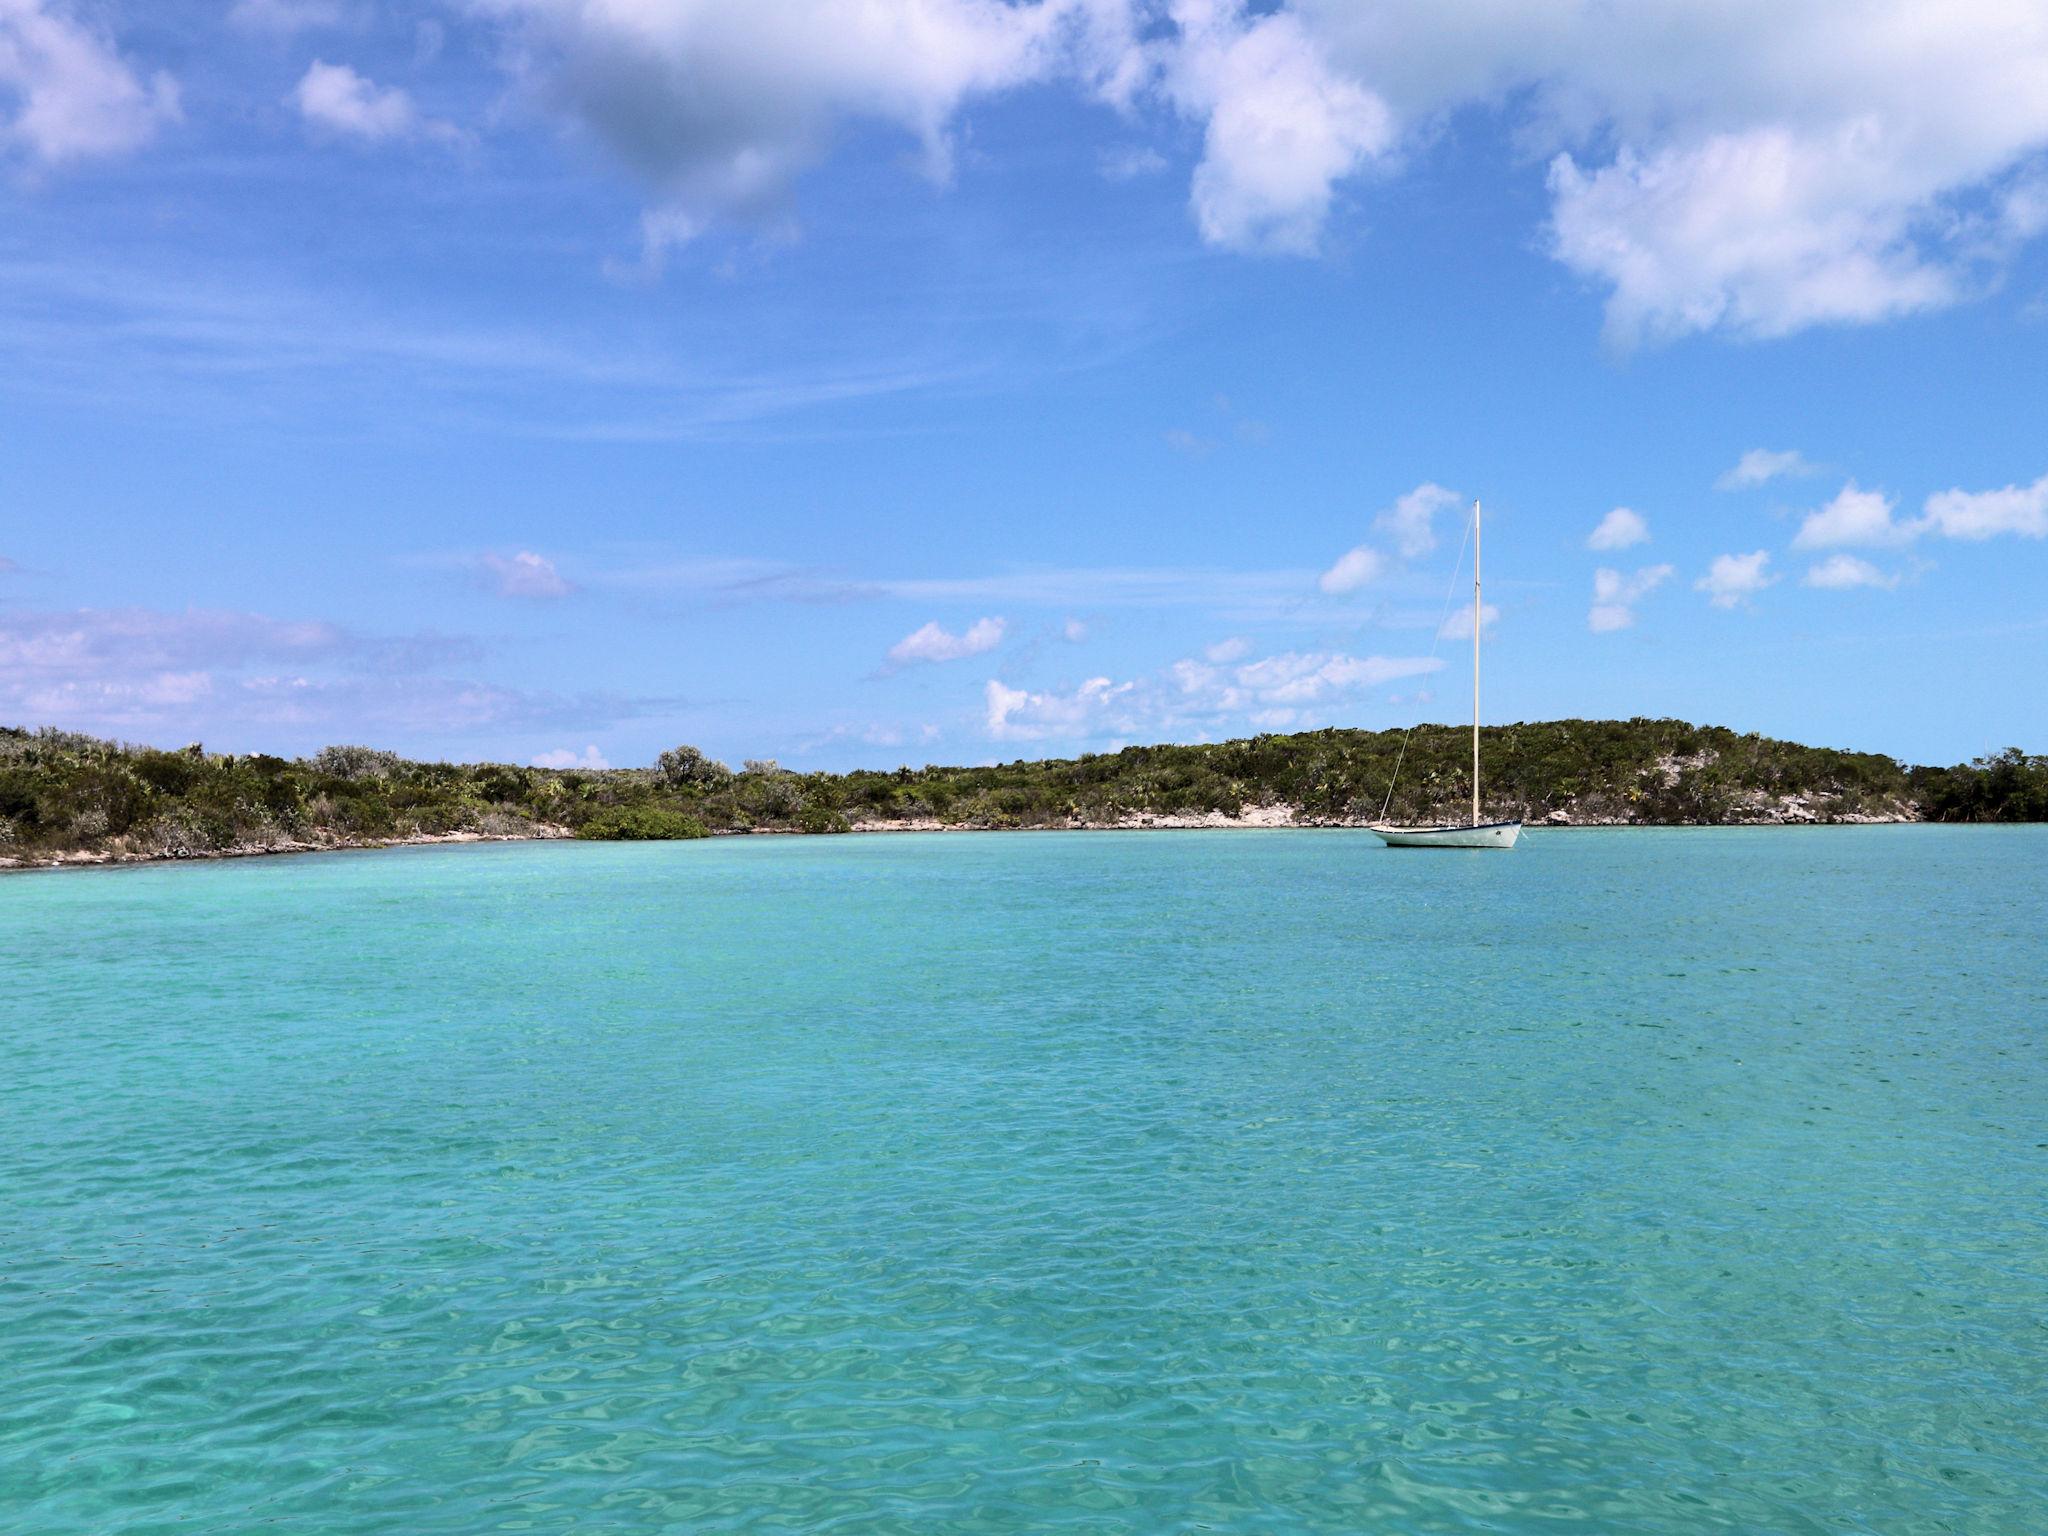 sailboat in the bay.jpg